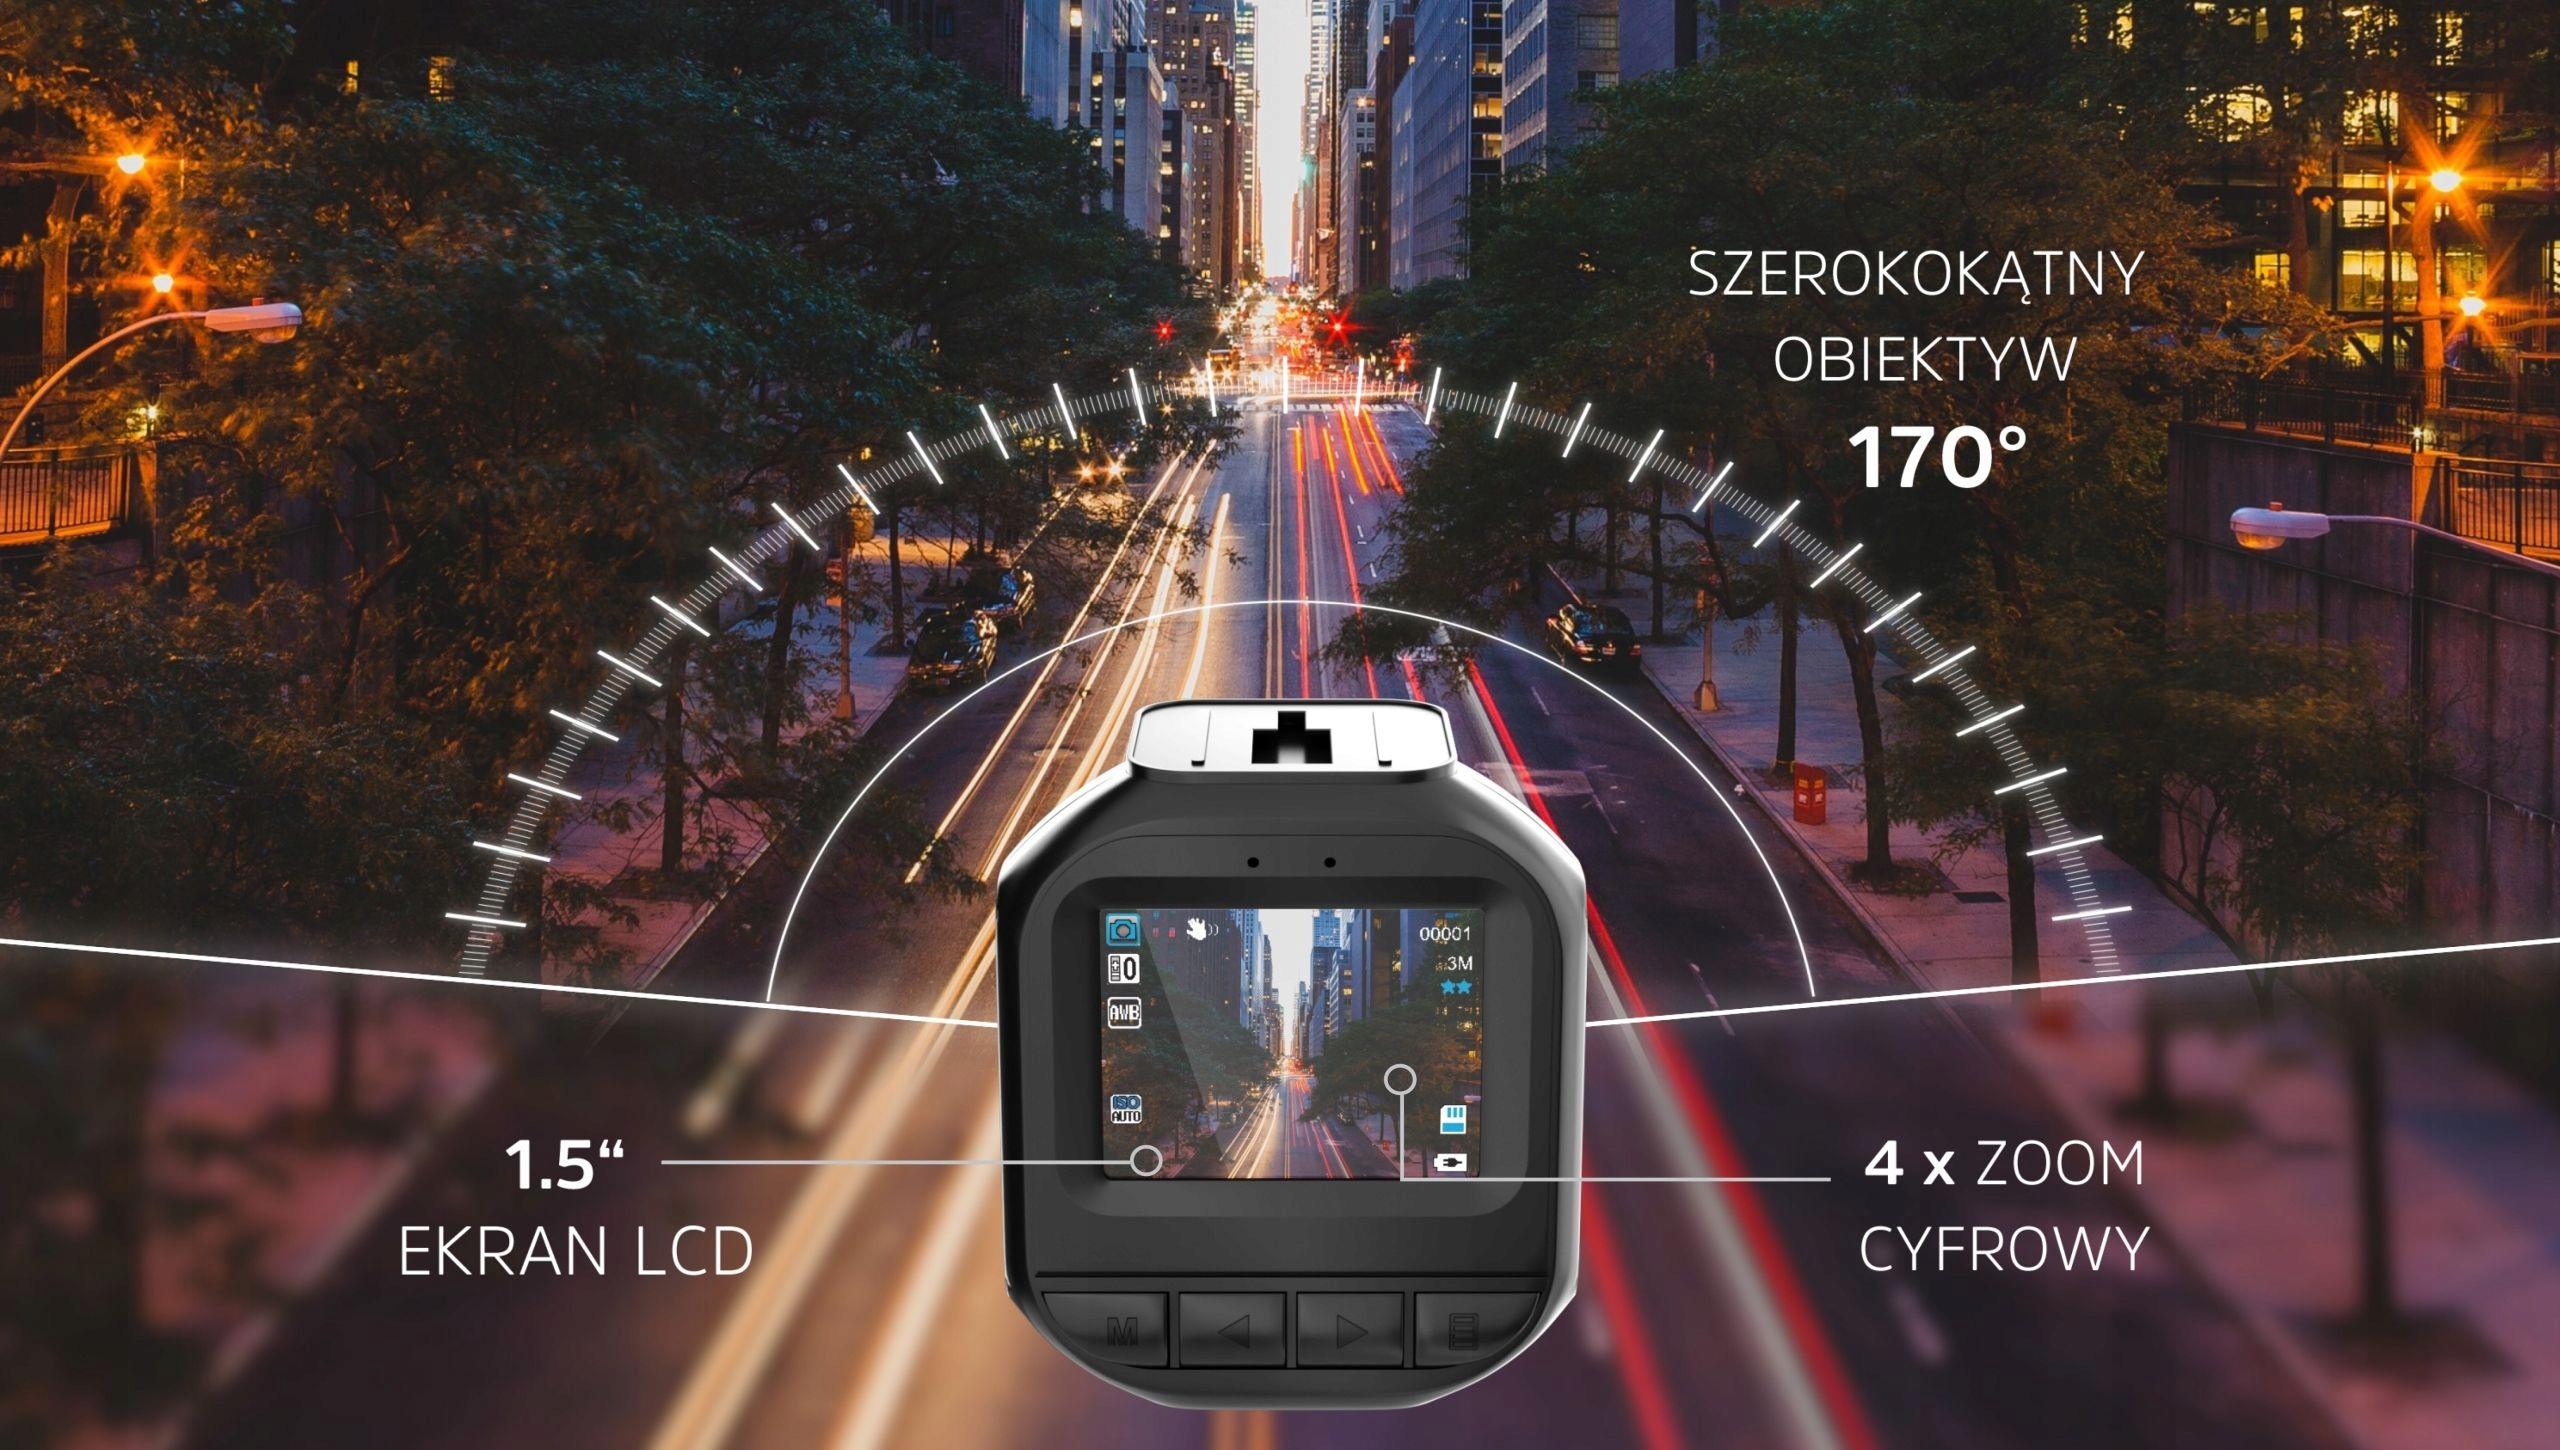 Kamera Samochodowa HD Wideo-Rejestrator Kamerka PL Model Roadcam 1CE